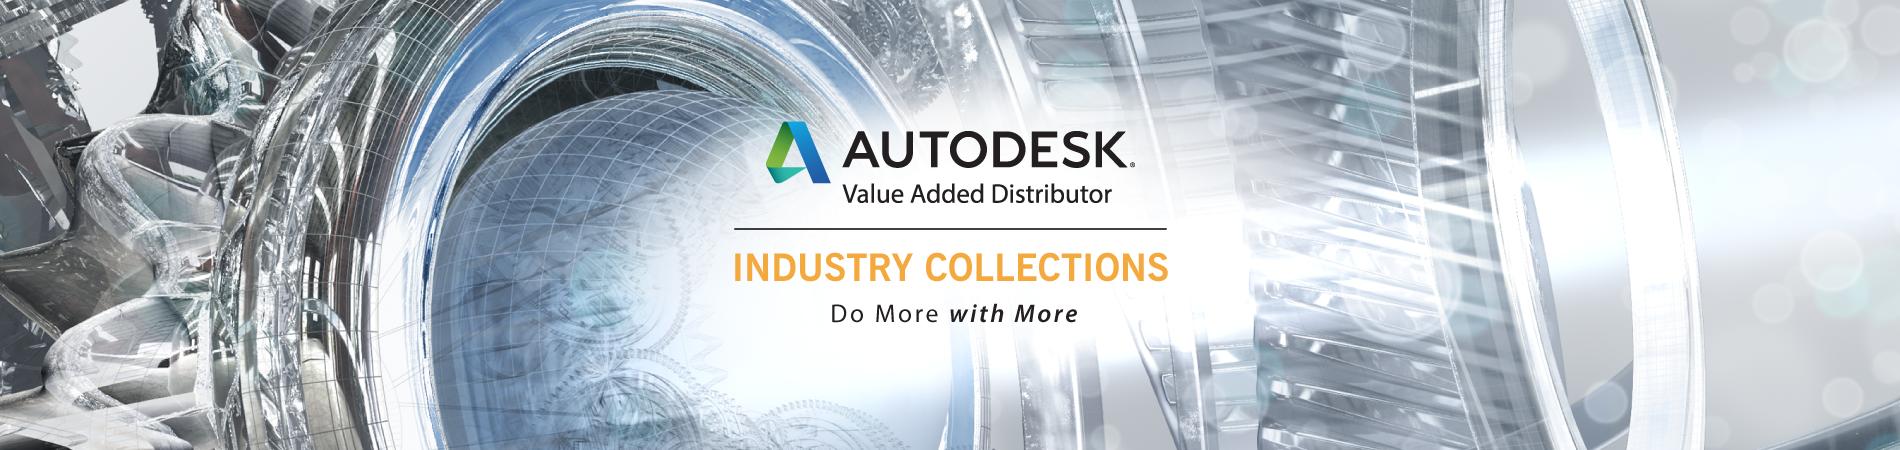 home-slider-banner-1-autodesk